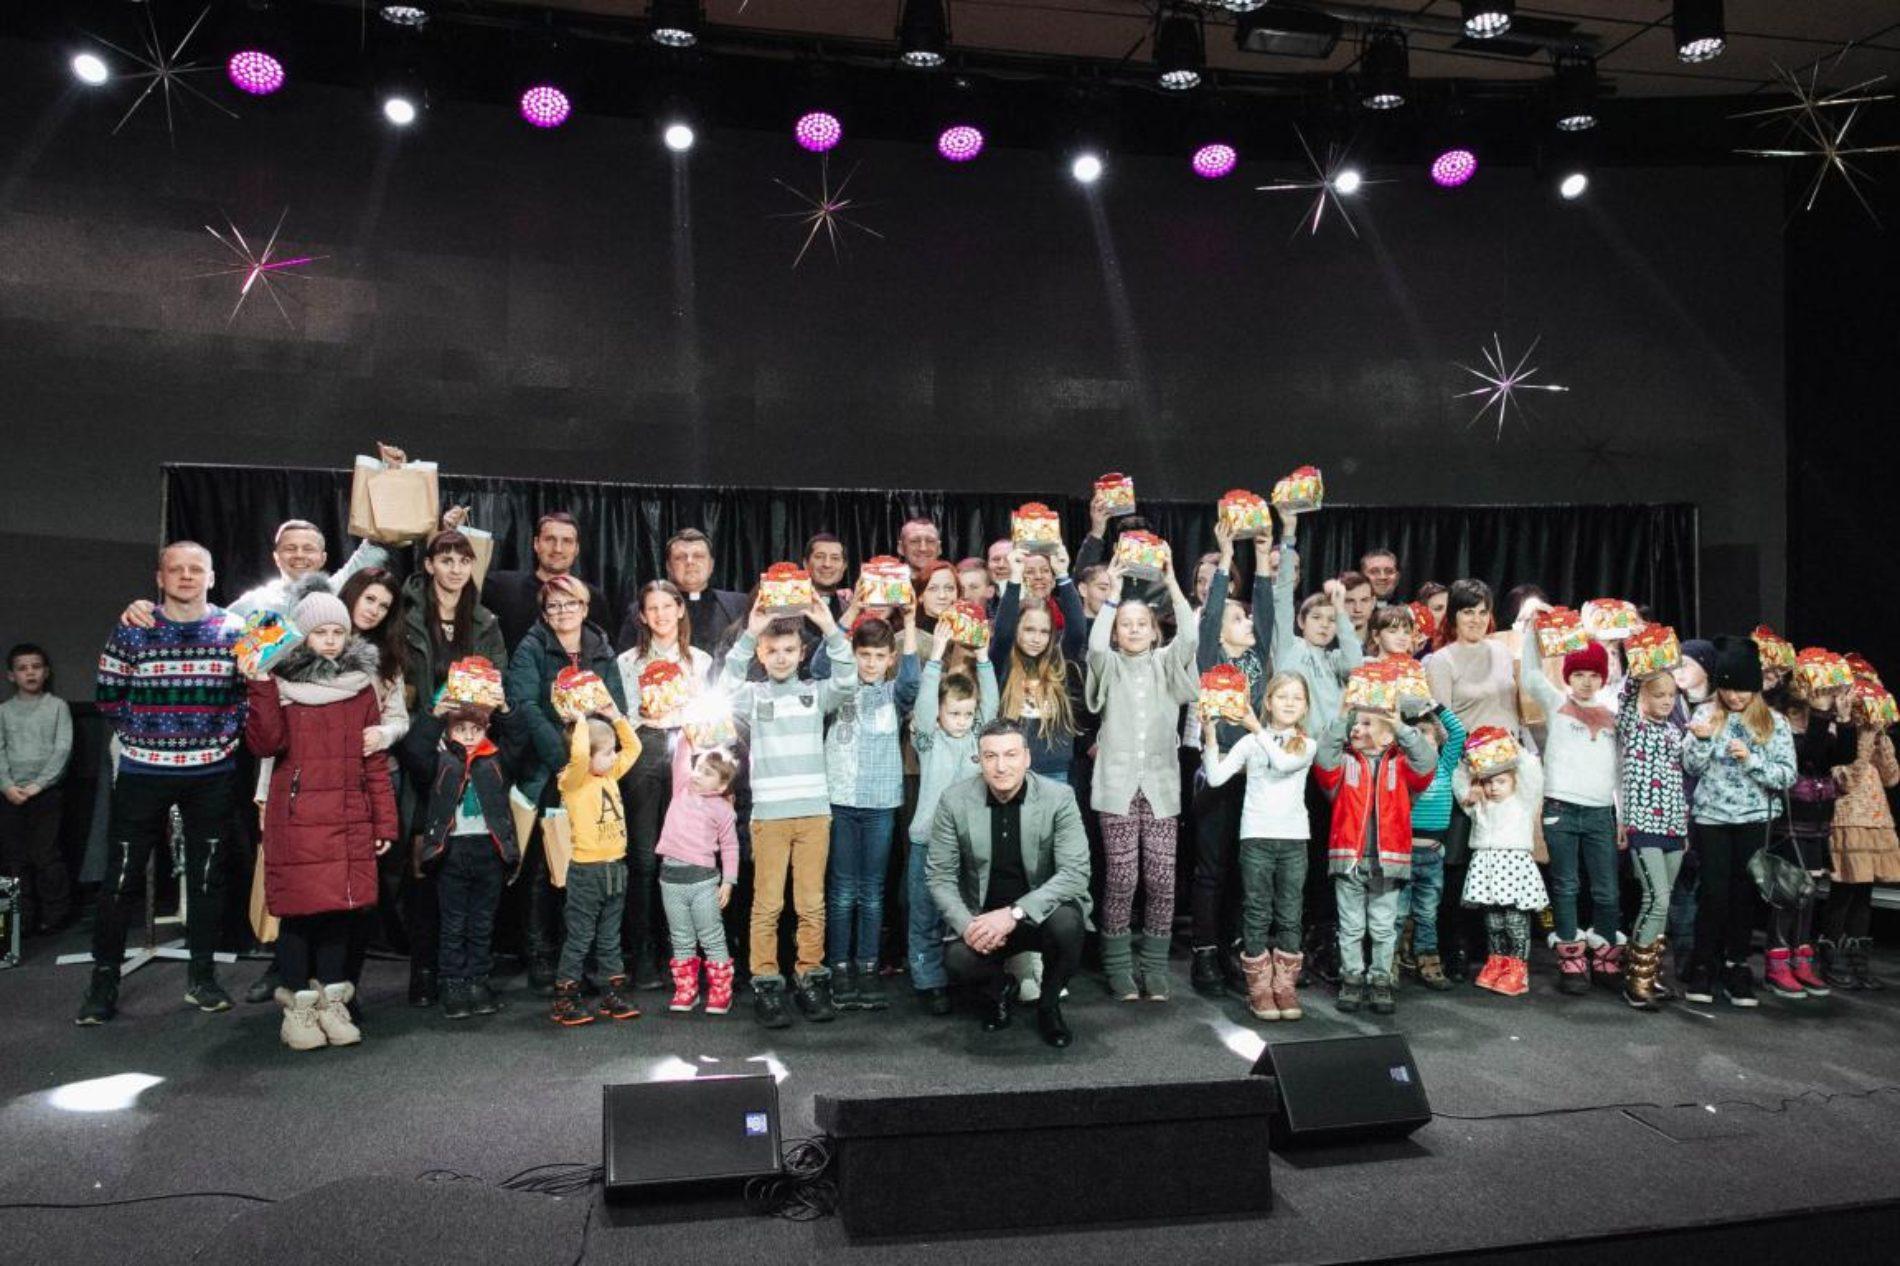 «Різдво у кожен дім» – київська церква подарувала свято дітям з різних регіонів України